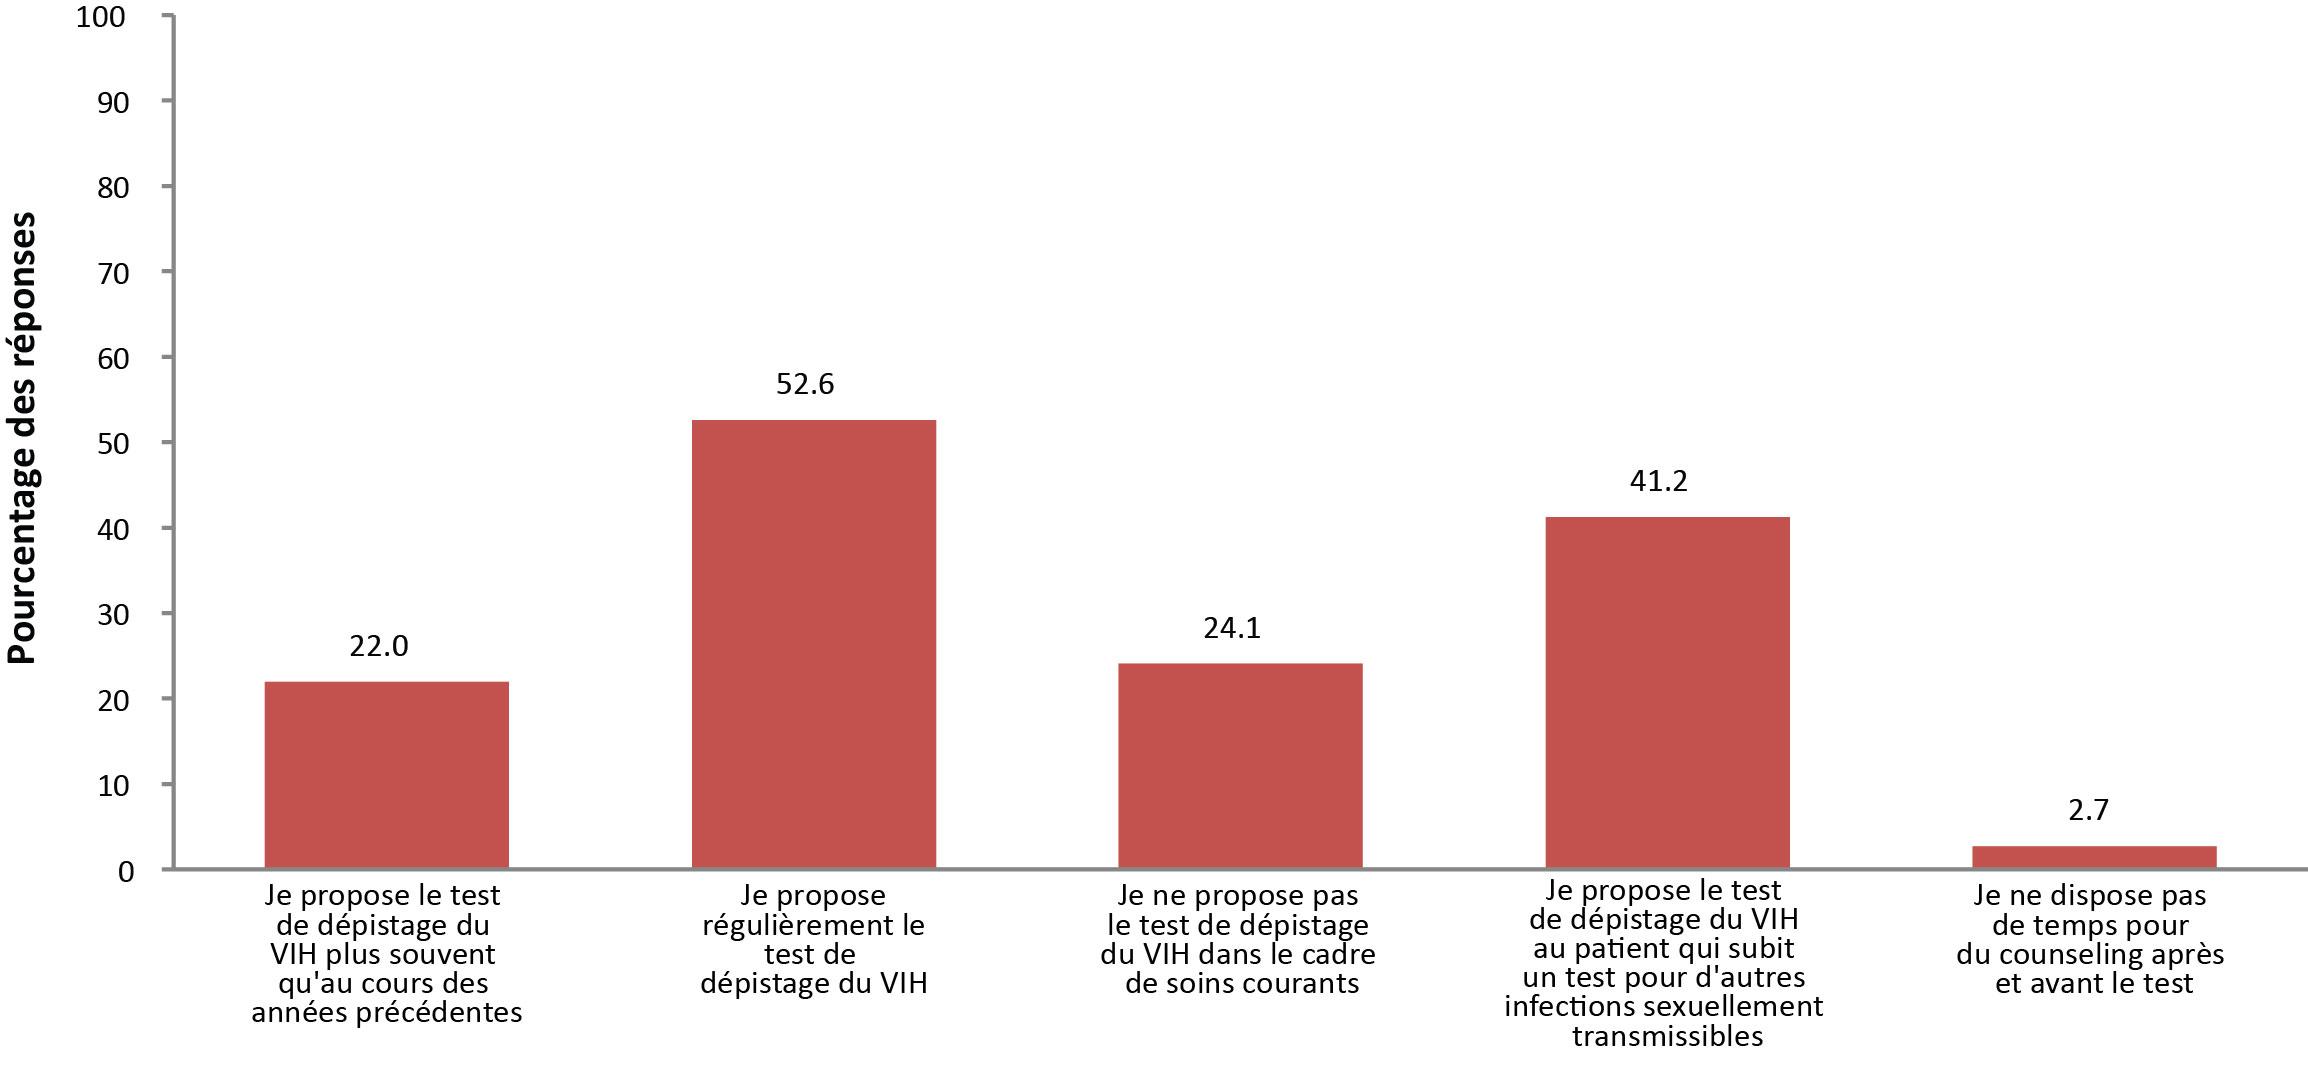 sites de rencontres VIH-positifs Canada datation absolue et relative